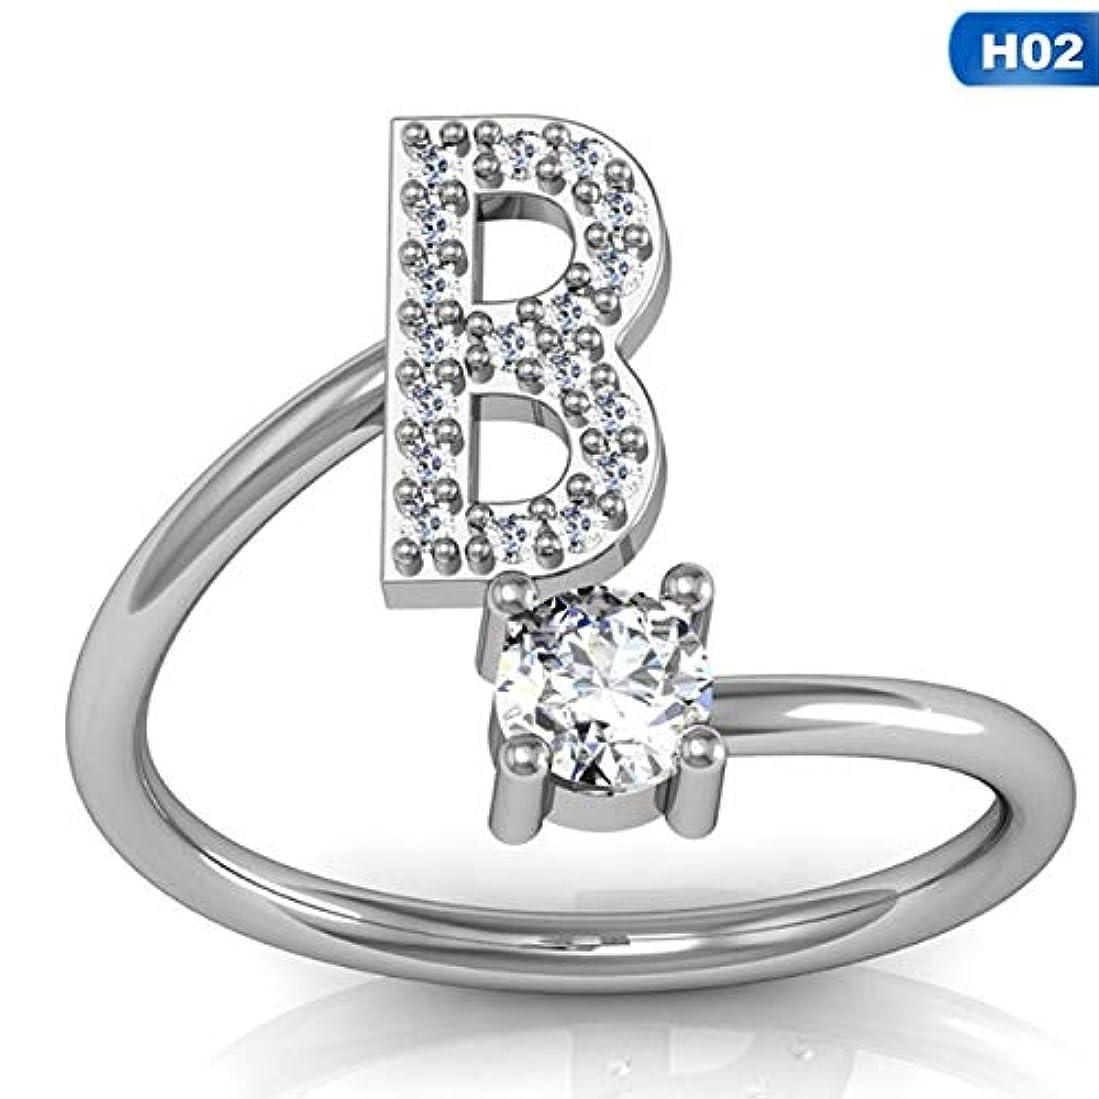 農民ネックレット踊り子ファッション26文字シルバーリング用女性ラインストーンオープン指輪女性の婚約指輪ジュエリーアネルパーティーギフト